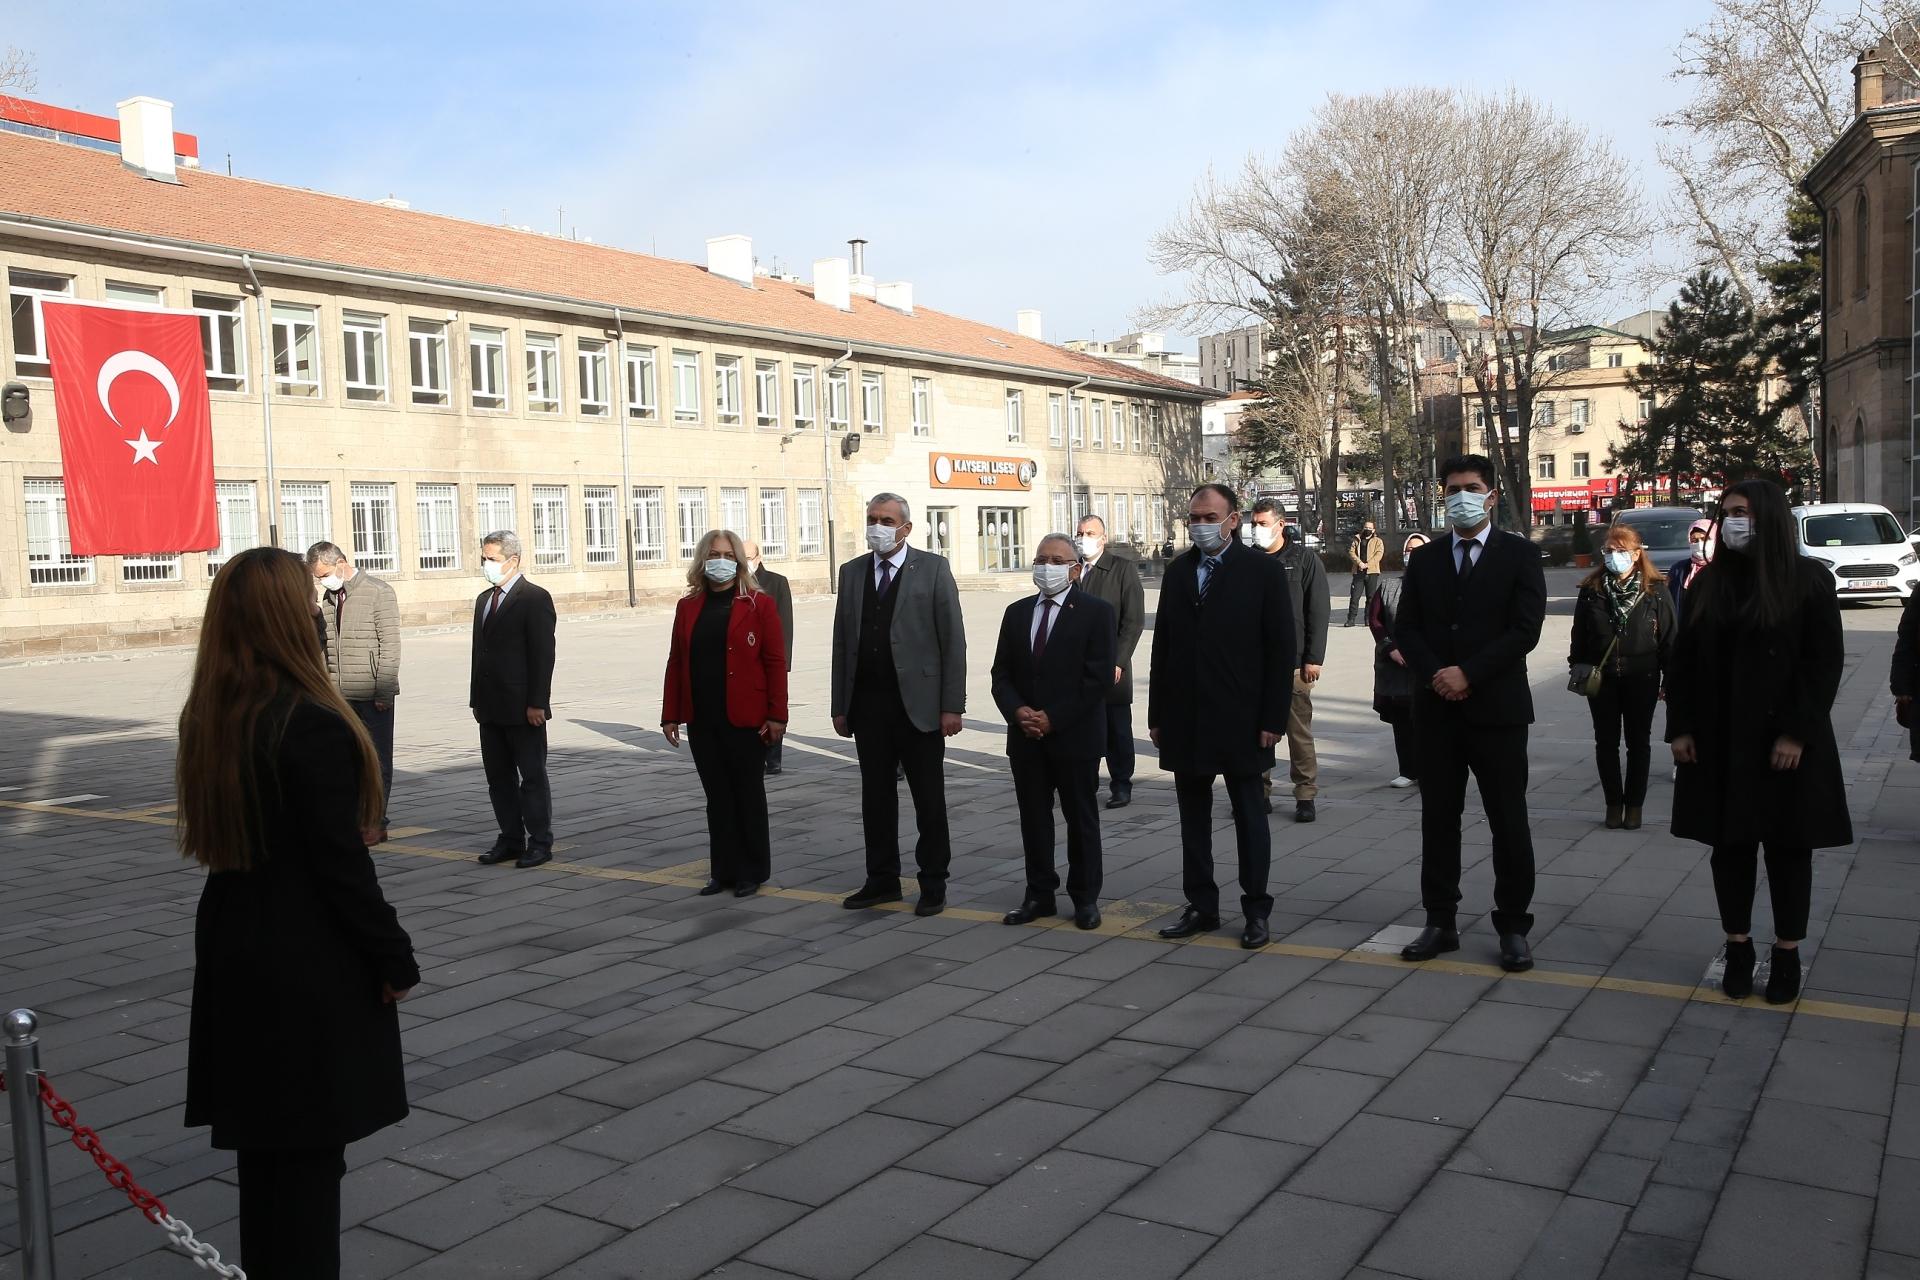 Başkan Büyükkılıç, Kayseri Lisesi'nde Bayrak Törenine Katılıp, İstiklal Marşı Okudu